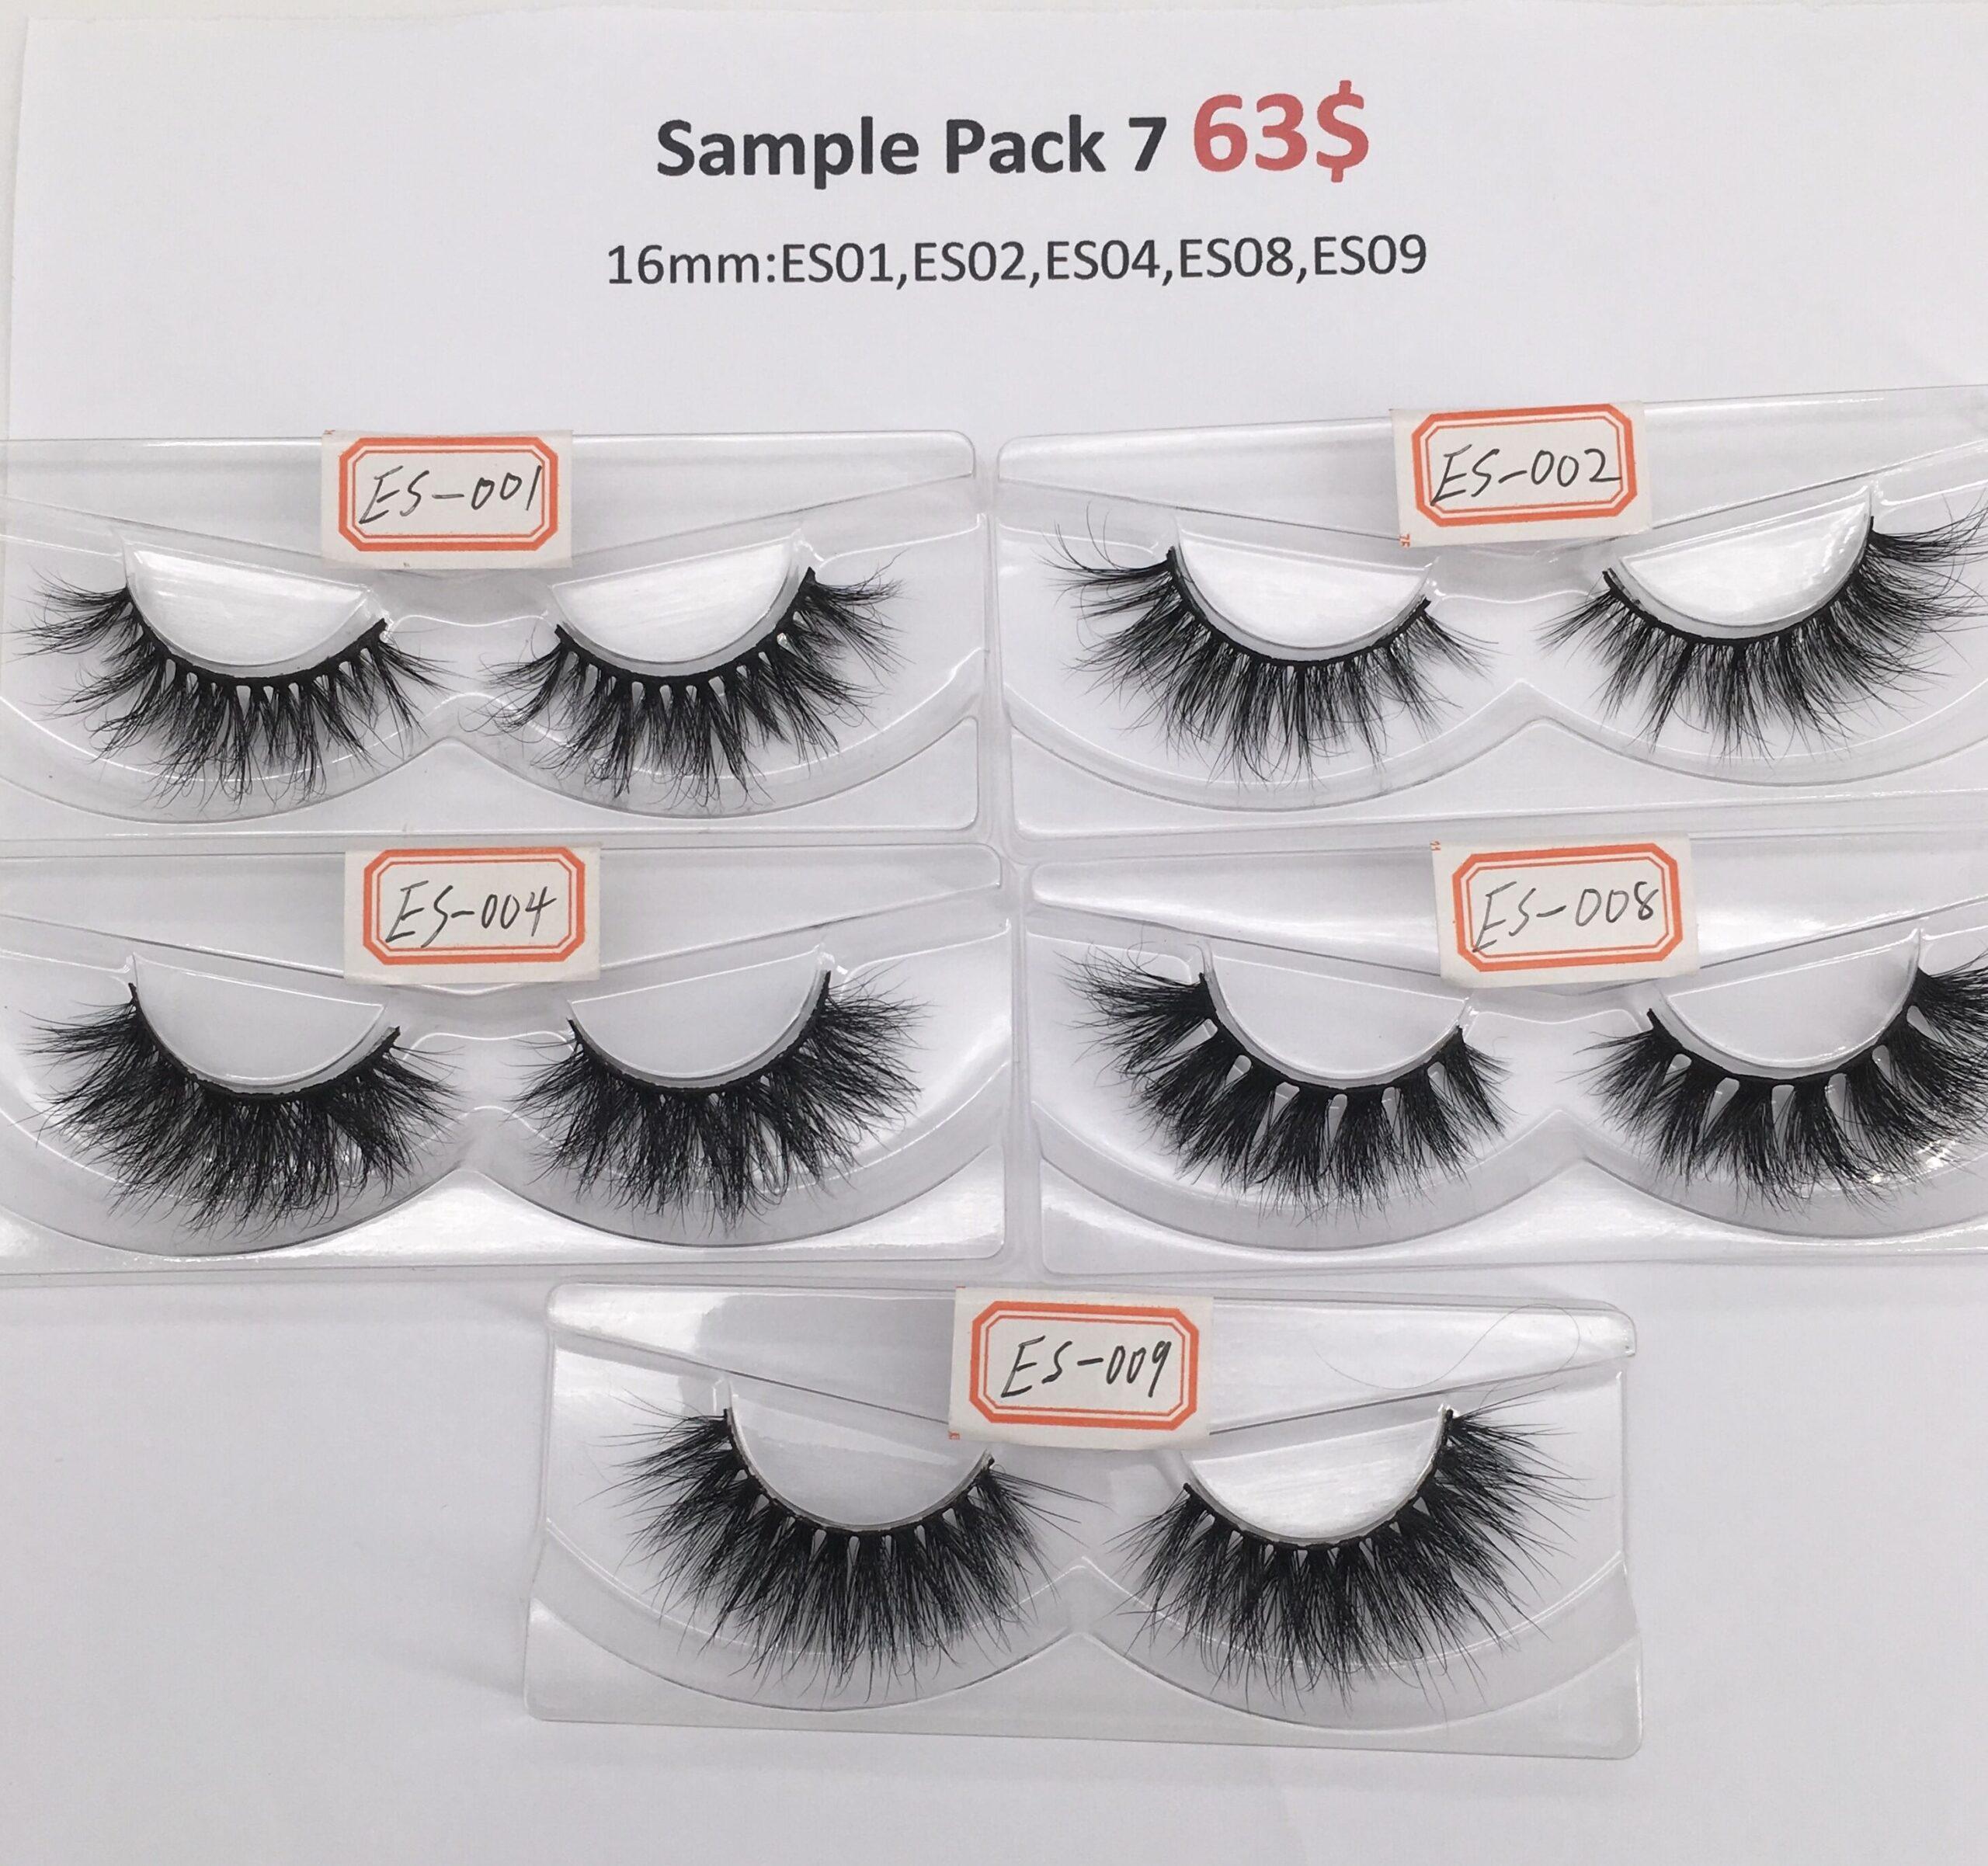 eyelash sample pack 7